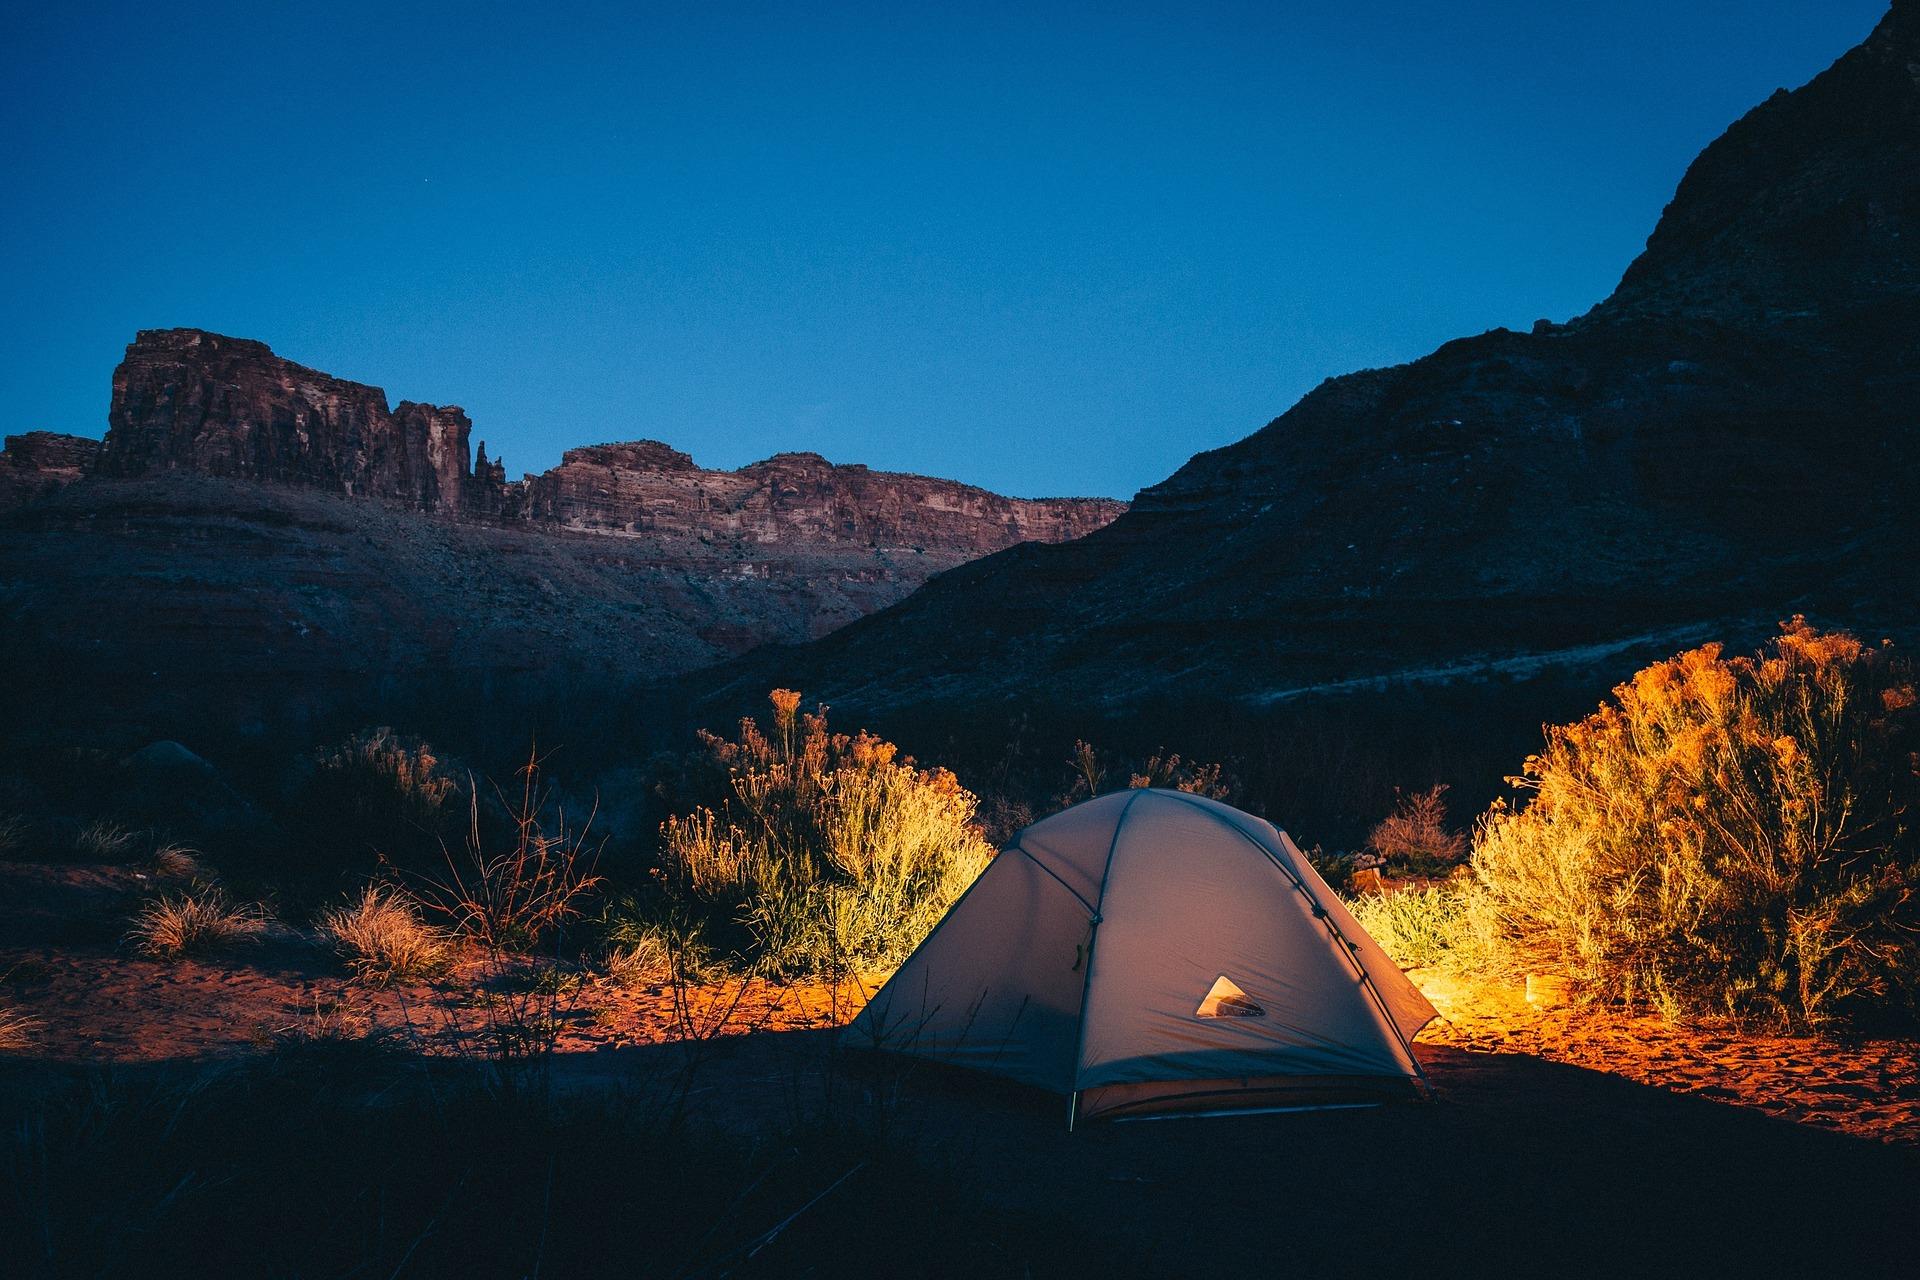 Imagem mostra uma barraca montada num ambiente árido, ao fim da tarde. Uma luz de lanterna emana da barraca.